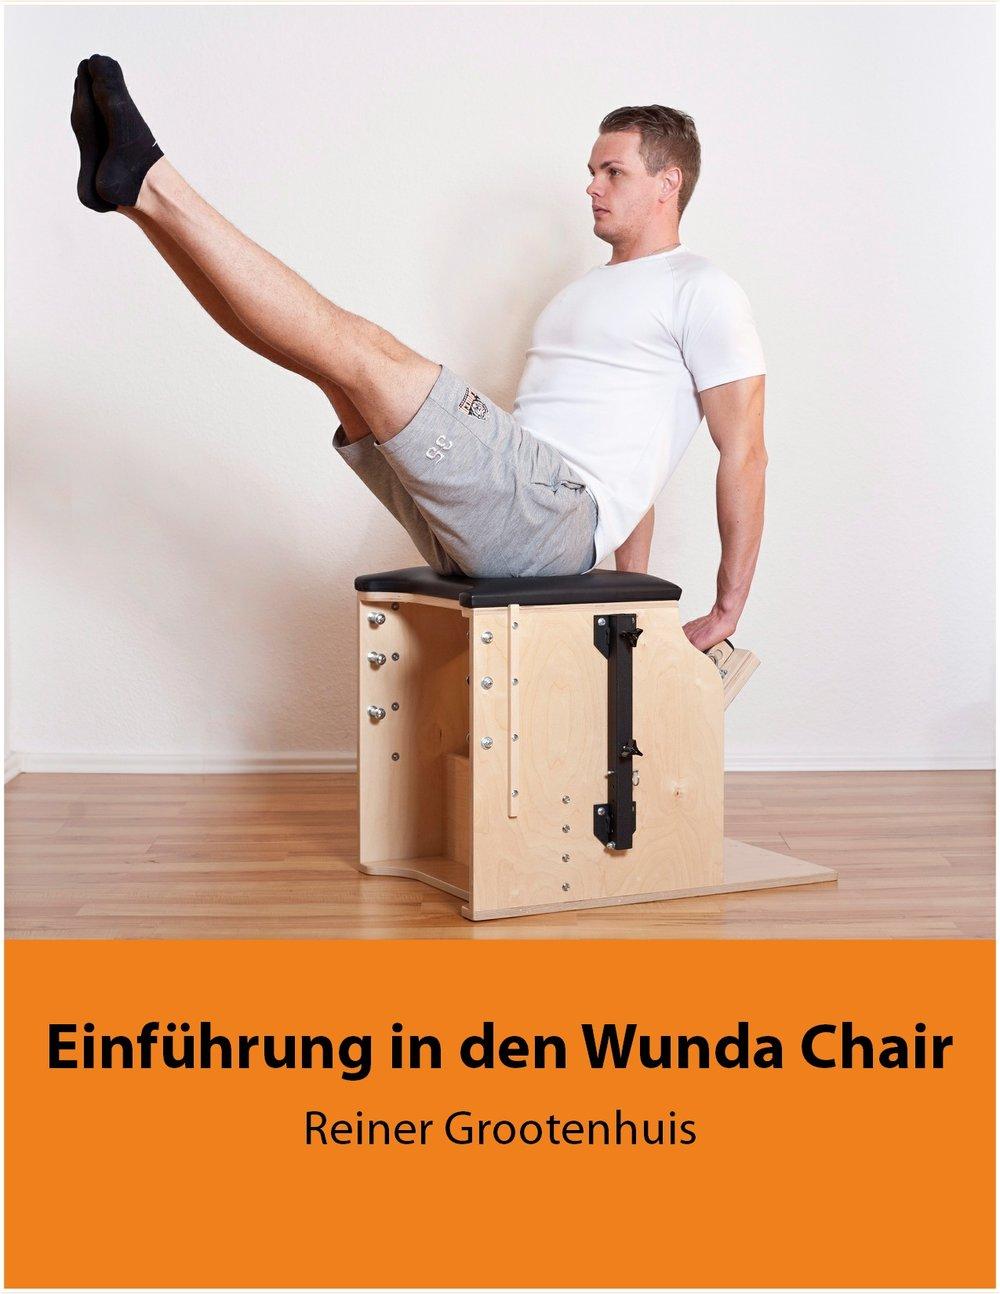 Einführung in den Wunda Chair / Erschienen im September 2015 8 Rezensionen mit 5 Sternen auf amazon.de